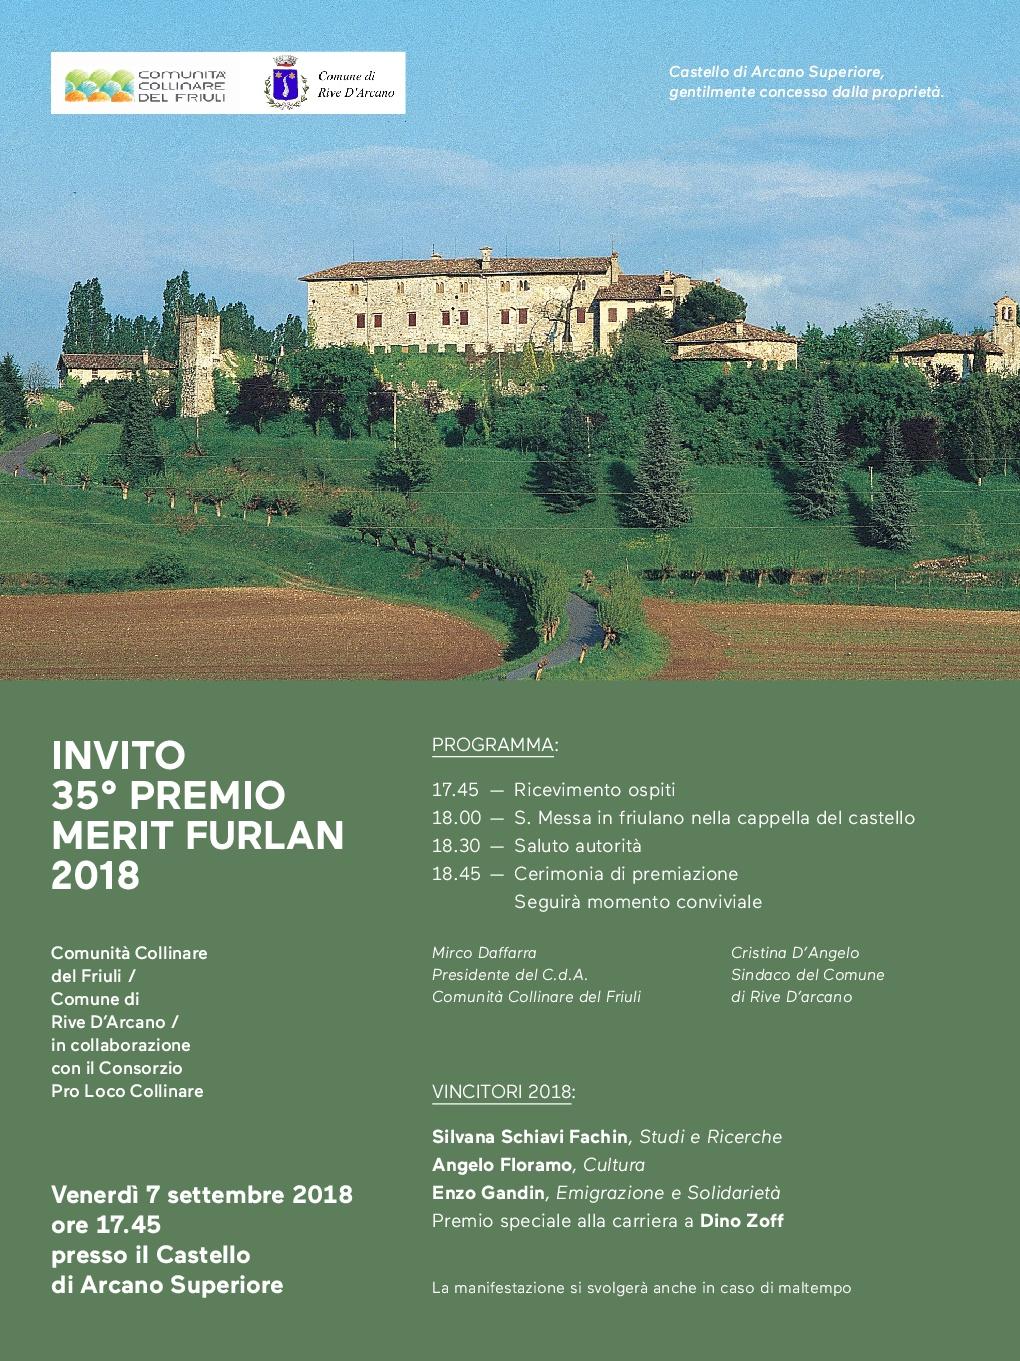 """35° premio Merit Furlan"""" (Castello di Arcano Superiore, Rive D'Arcano – venerdì 7 settembre, ore 17.45)"""